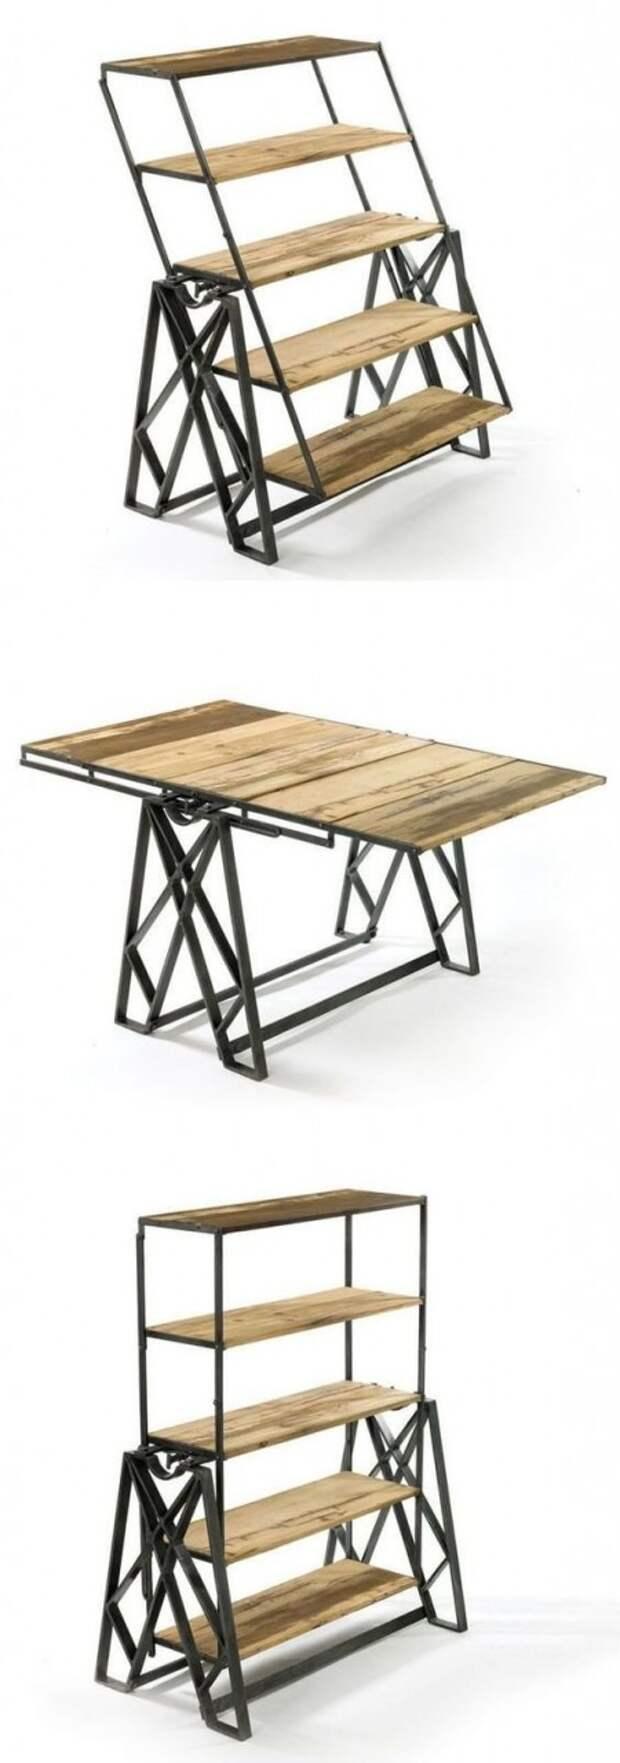 Трансформеры - в случае, если вам нужна лестница, или полка, или стол. Фабрика идей, интересное, мебель, полезное, трансформеры, эргономичность